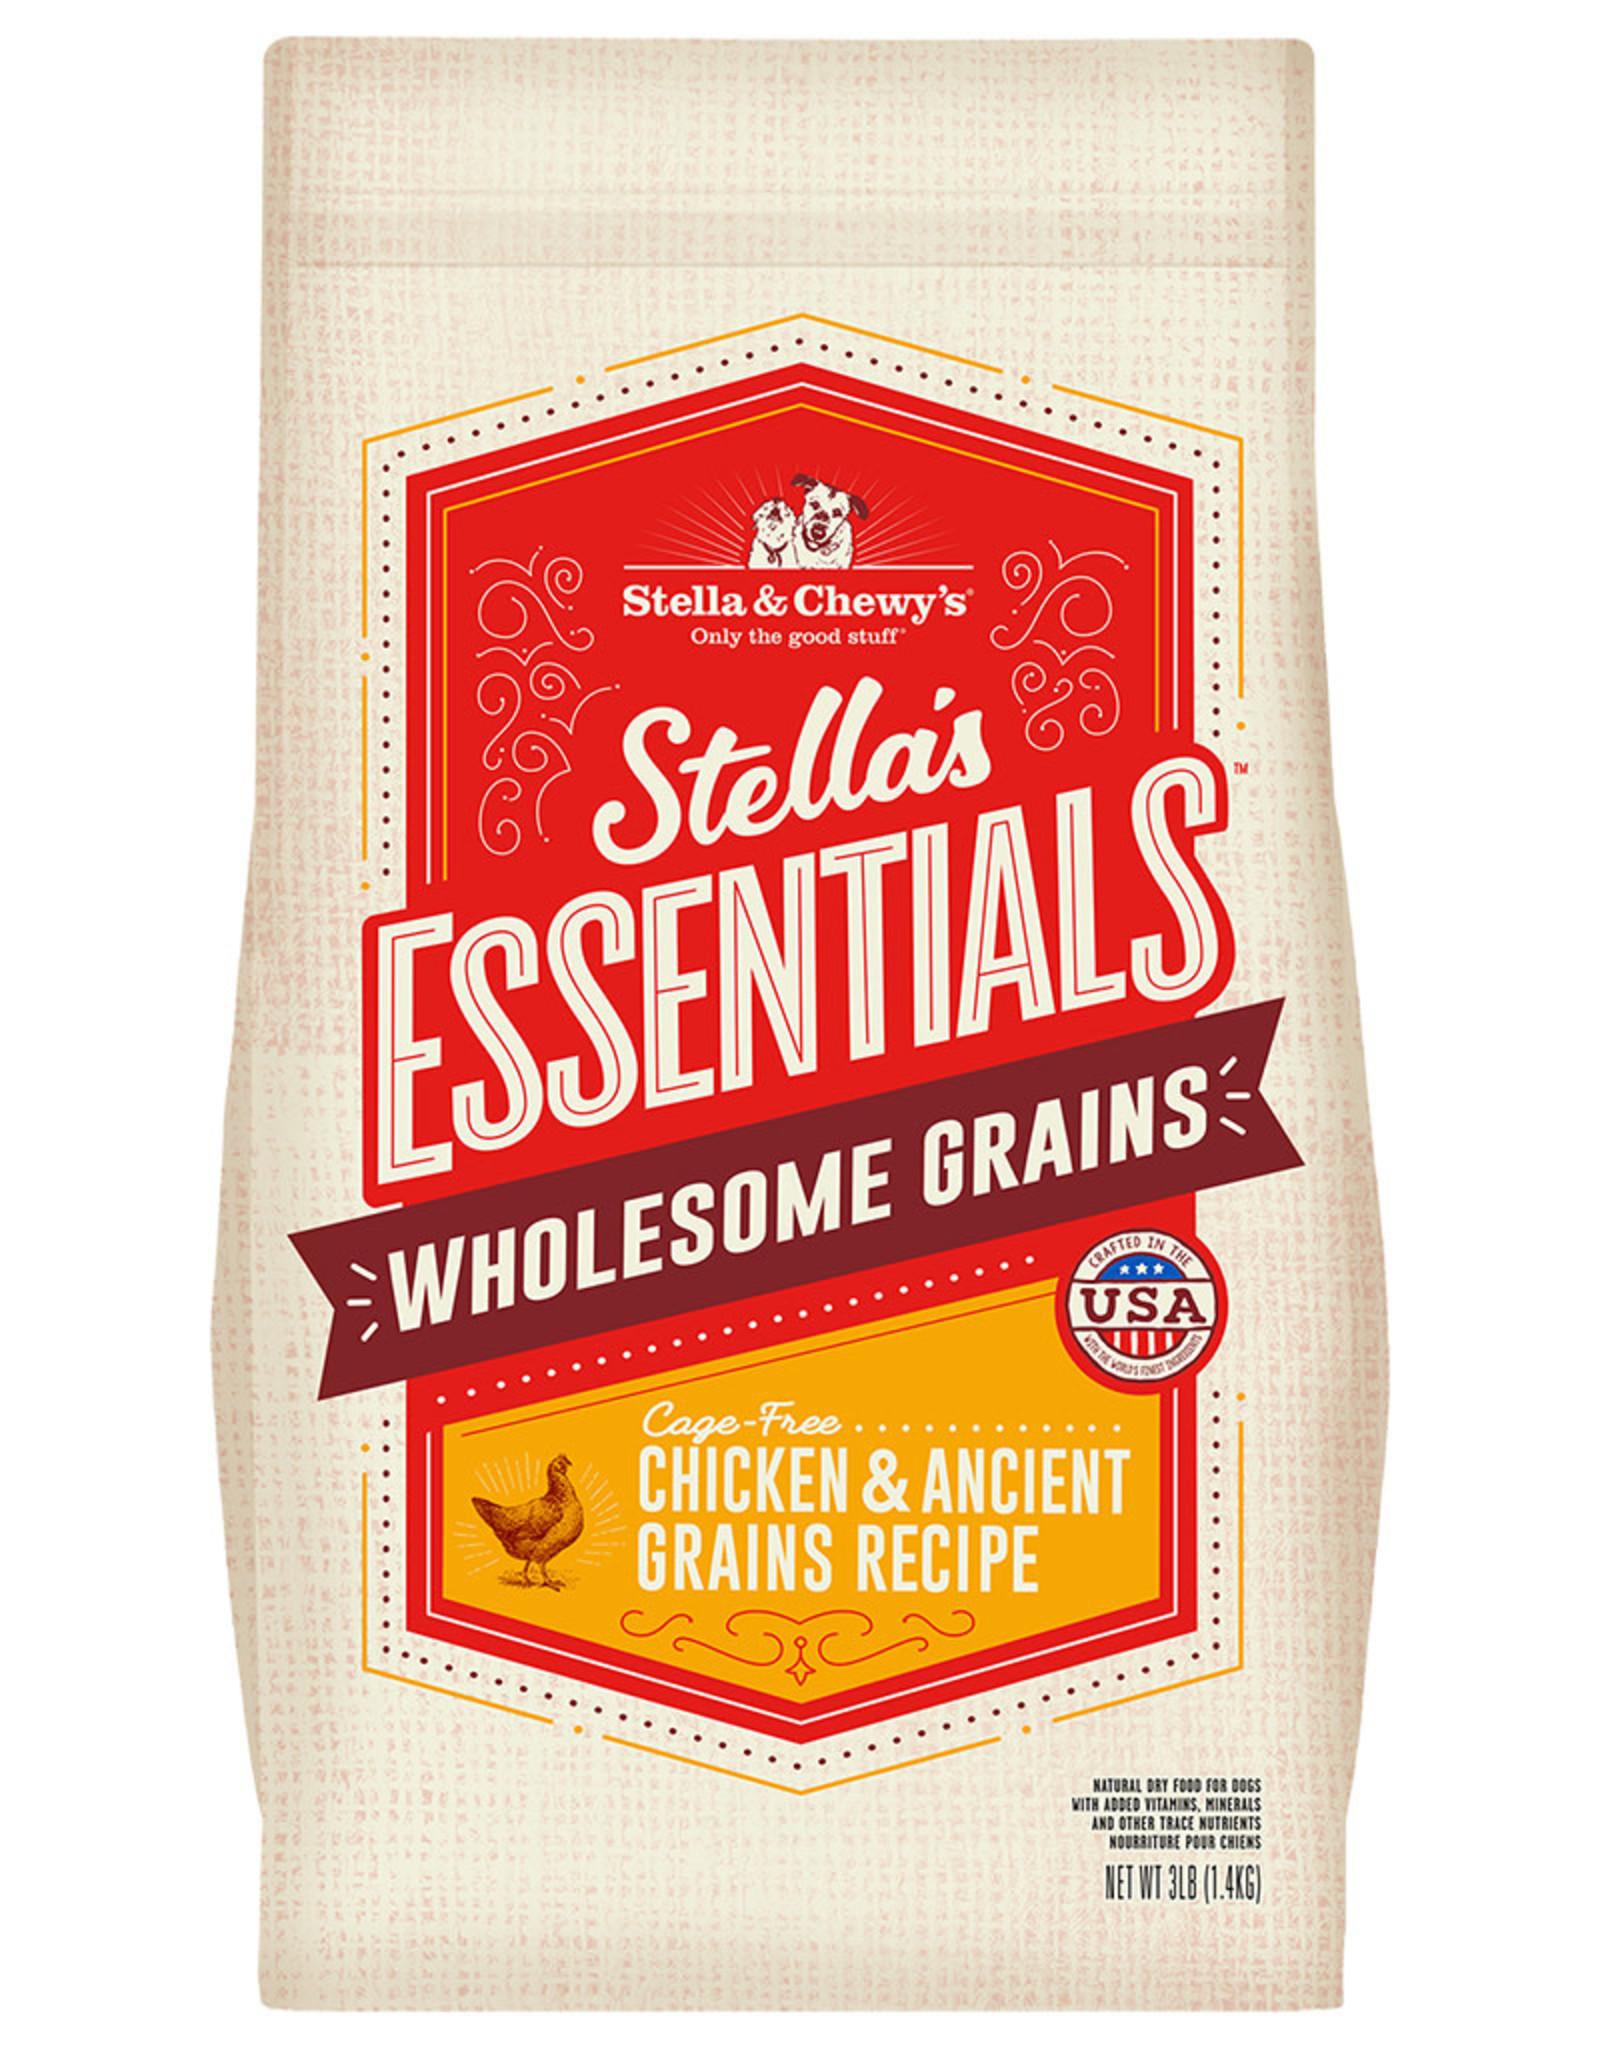 Stella & chewy's SC Essentials Chicken & Grains 25LB